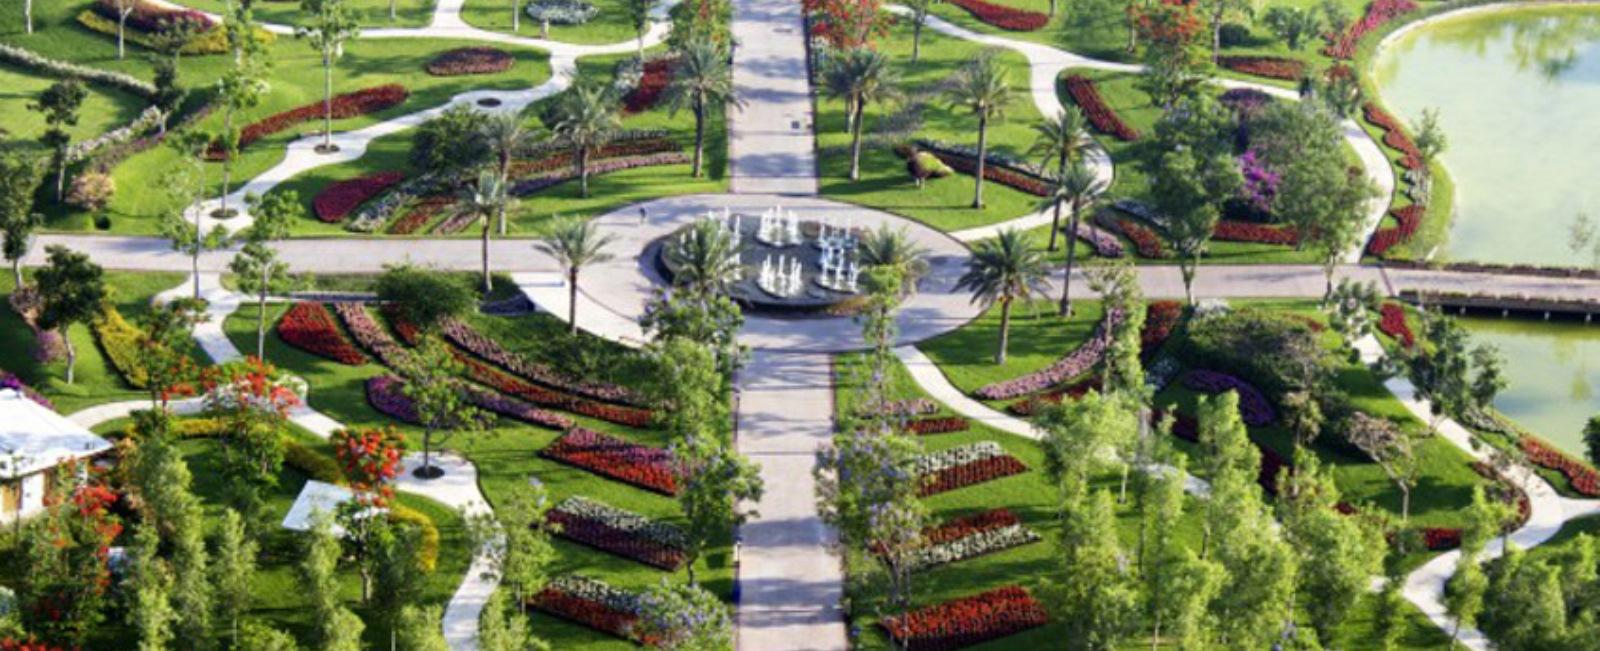 Jardines de m xico opera travels sitio oficial for Los jardines de arbesu